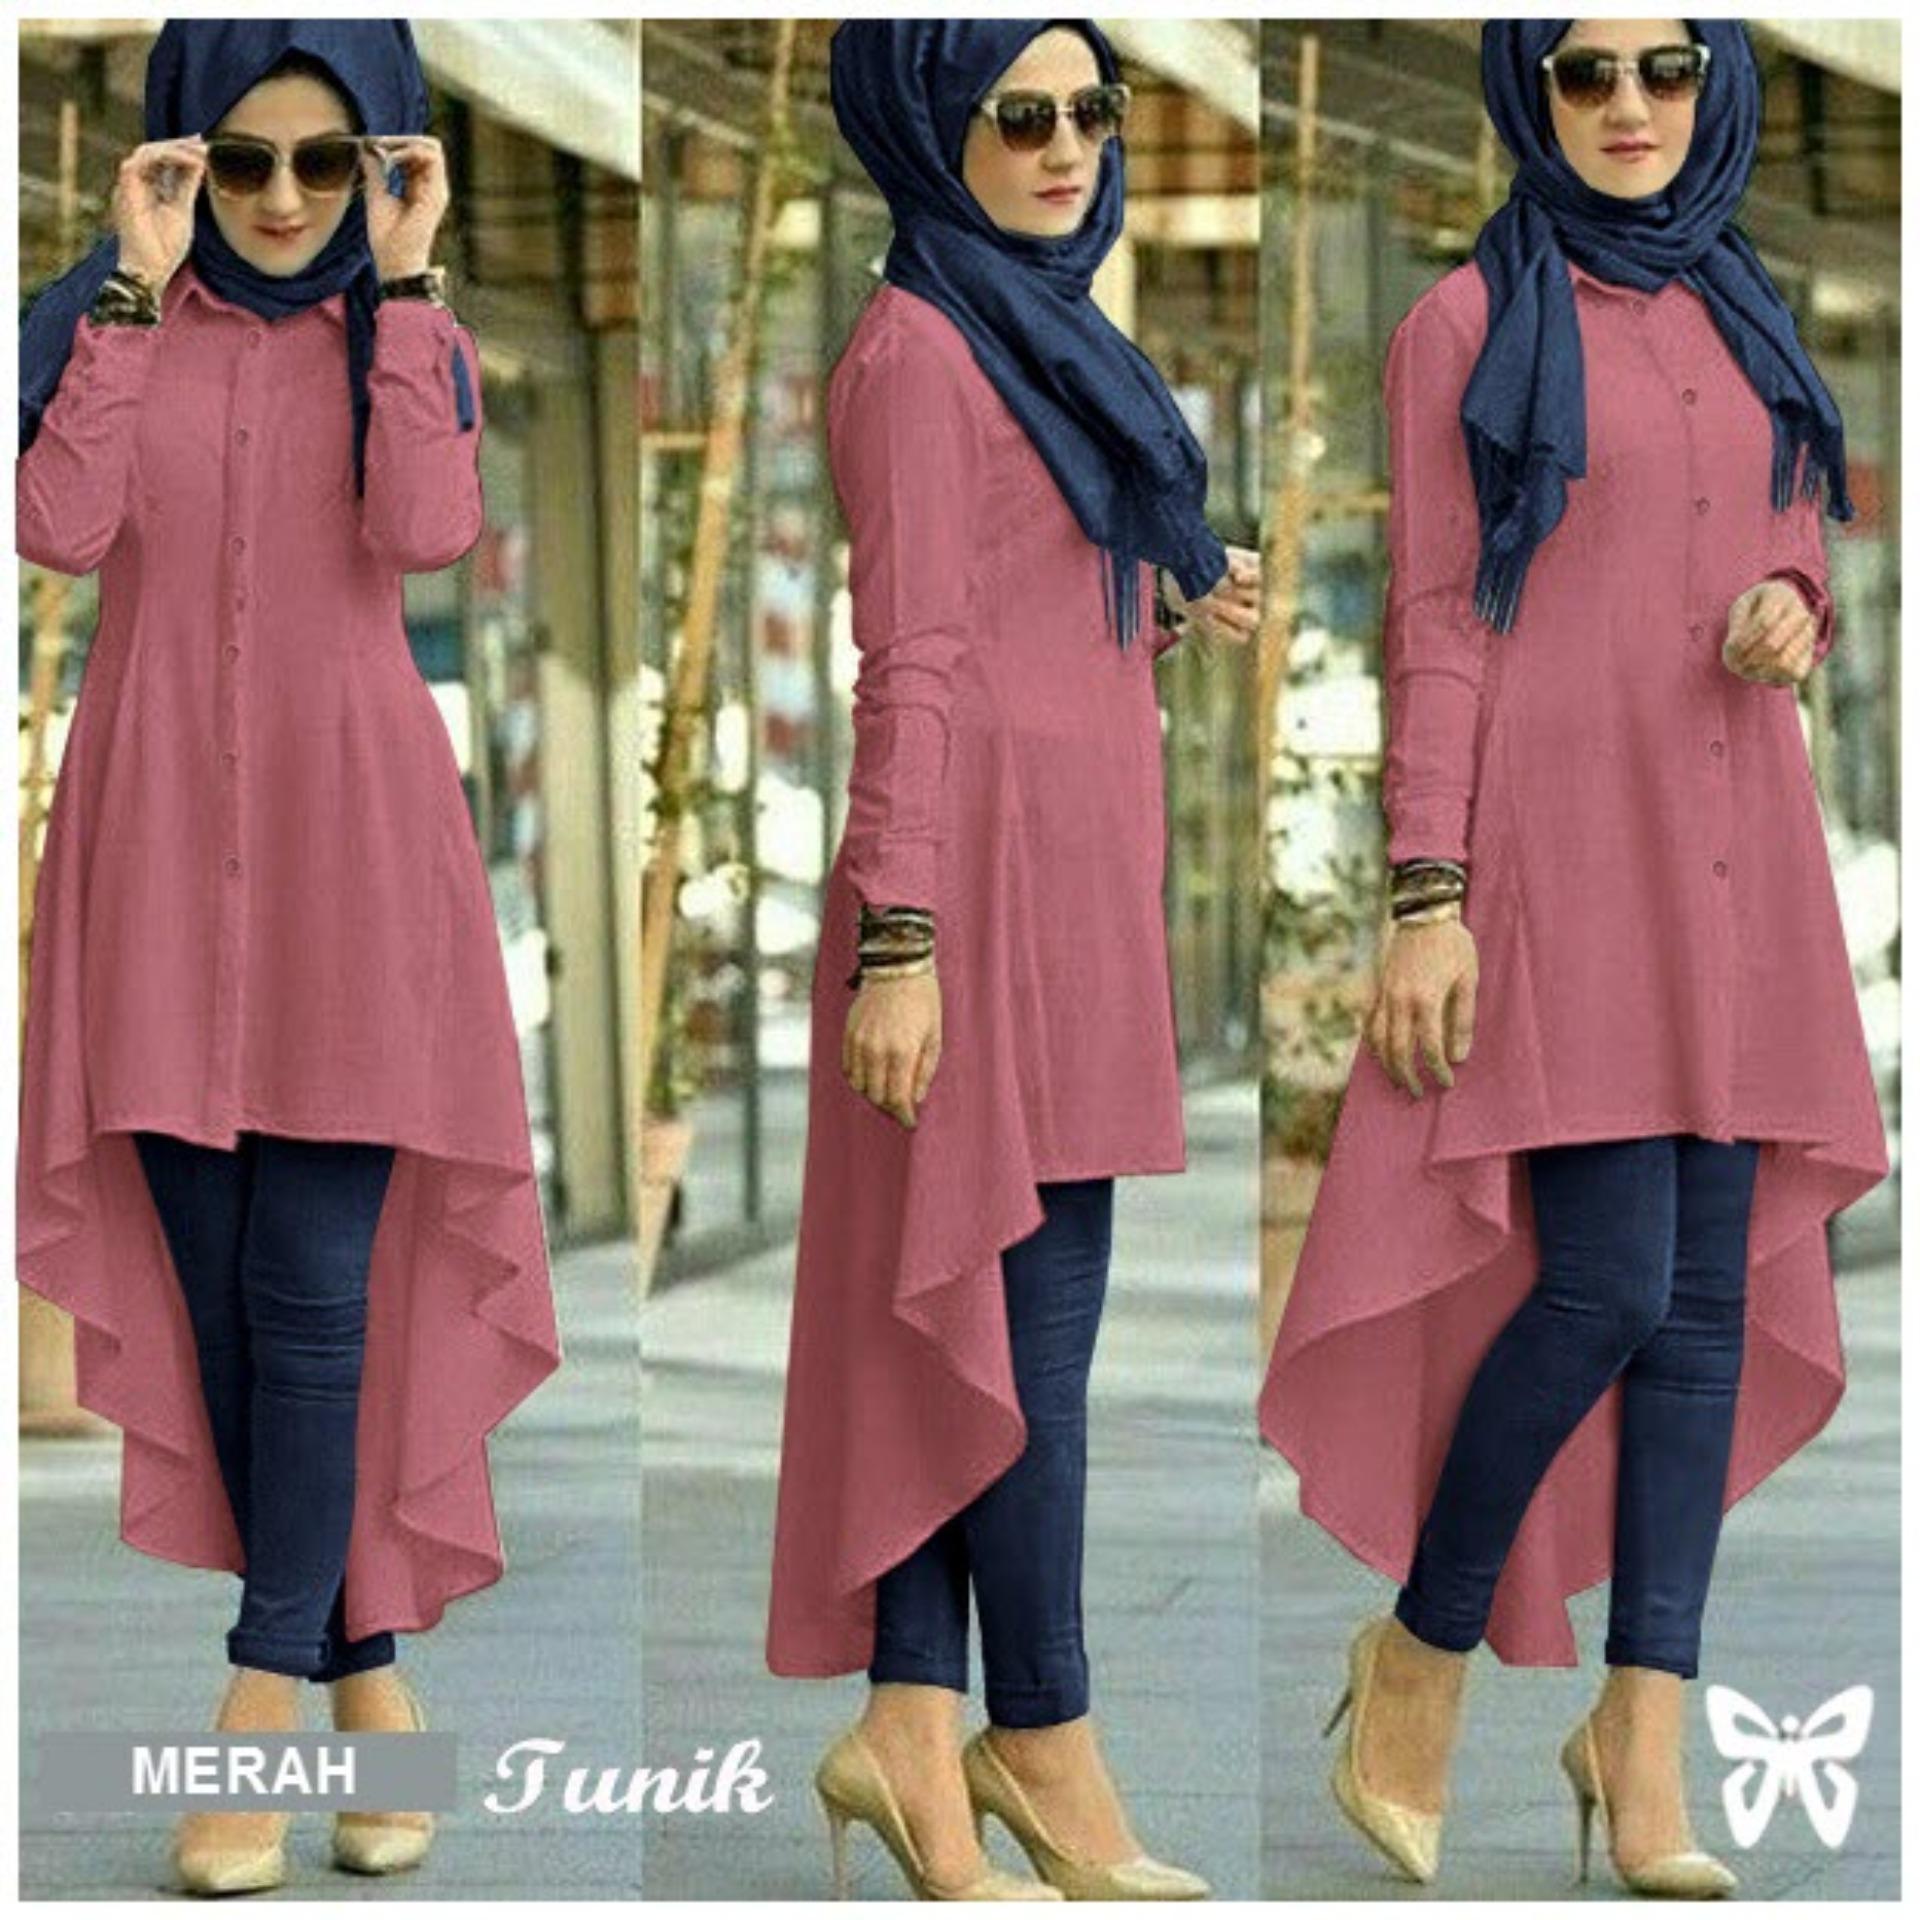 Flavia Store Kemeja Tunik Wanita Lengan Panjang FS0651 - MERAH / Atasan Muslimah / Baju Muslim / Blouse Terusan / Gamis / Srisadora